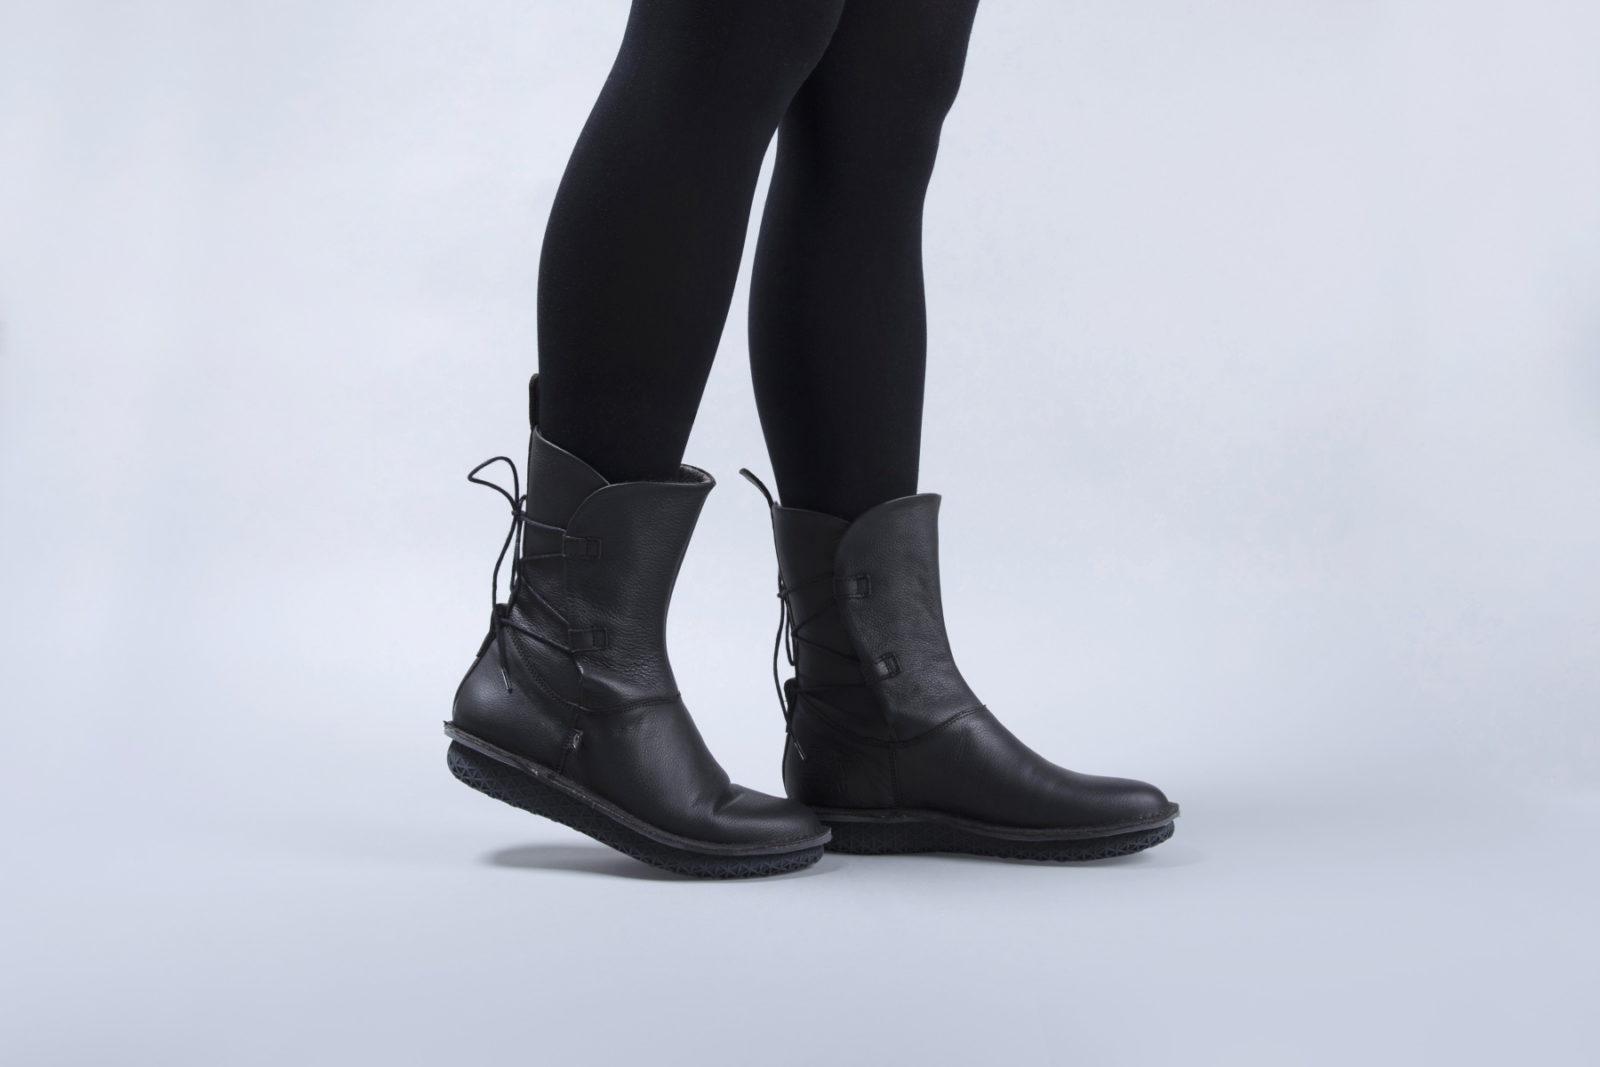 New Women's Dark Rey Boots by Po-Zu!